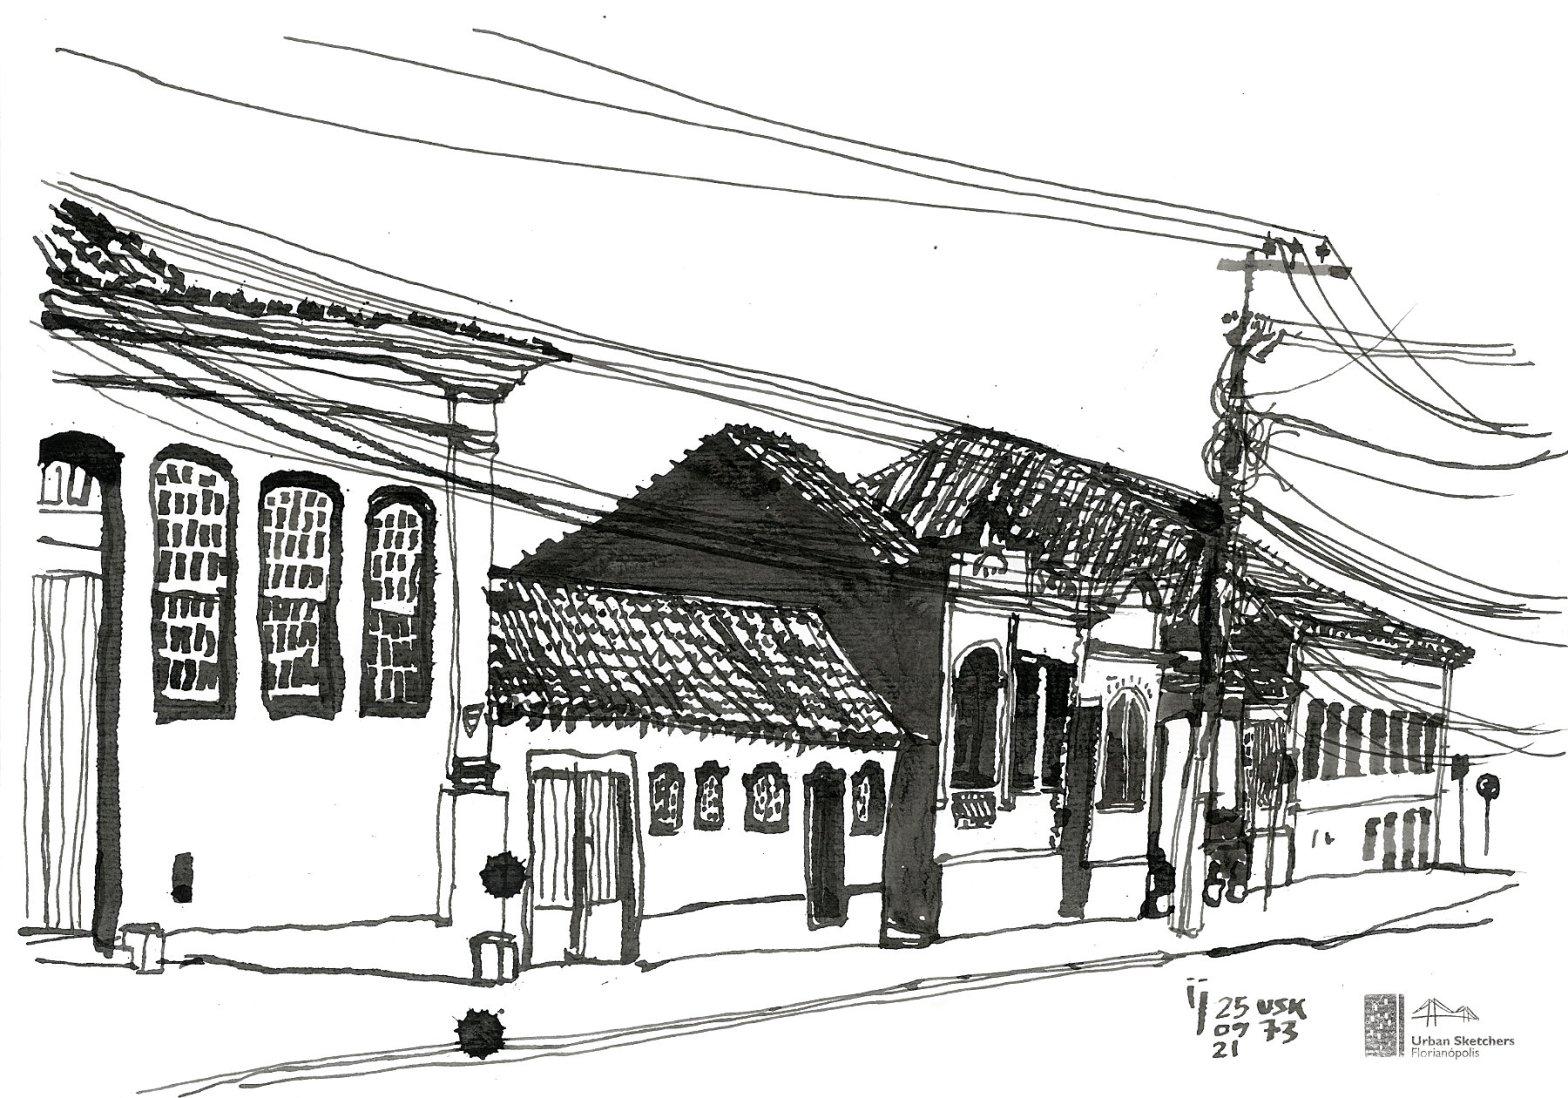 Desenho a traço em nanquim mostrando seis casas antigas